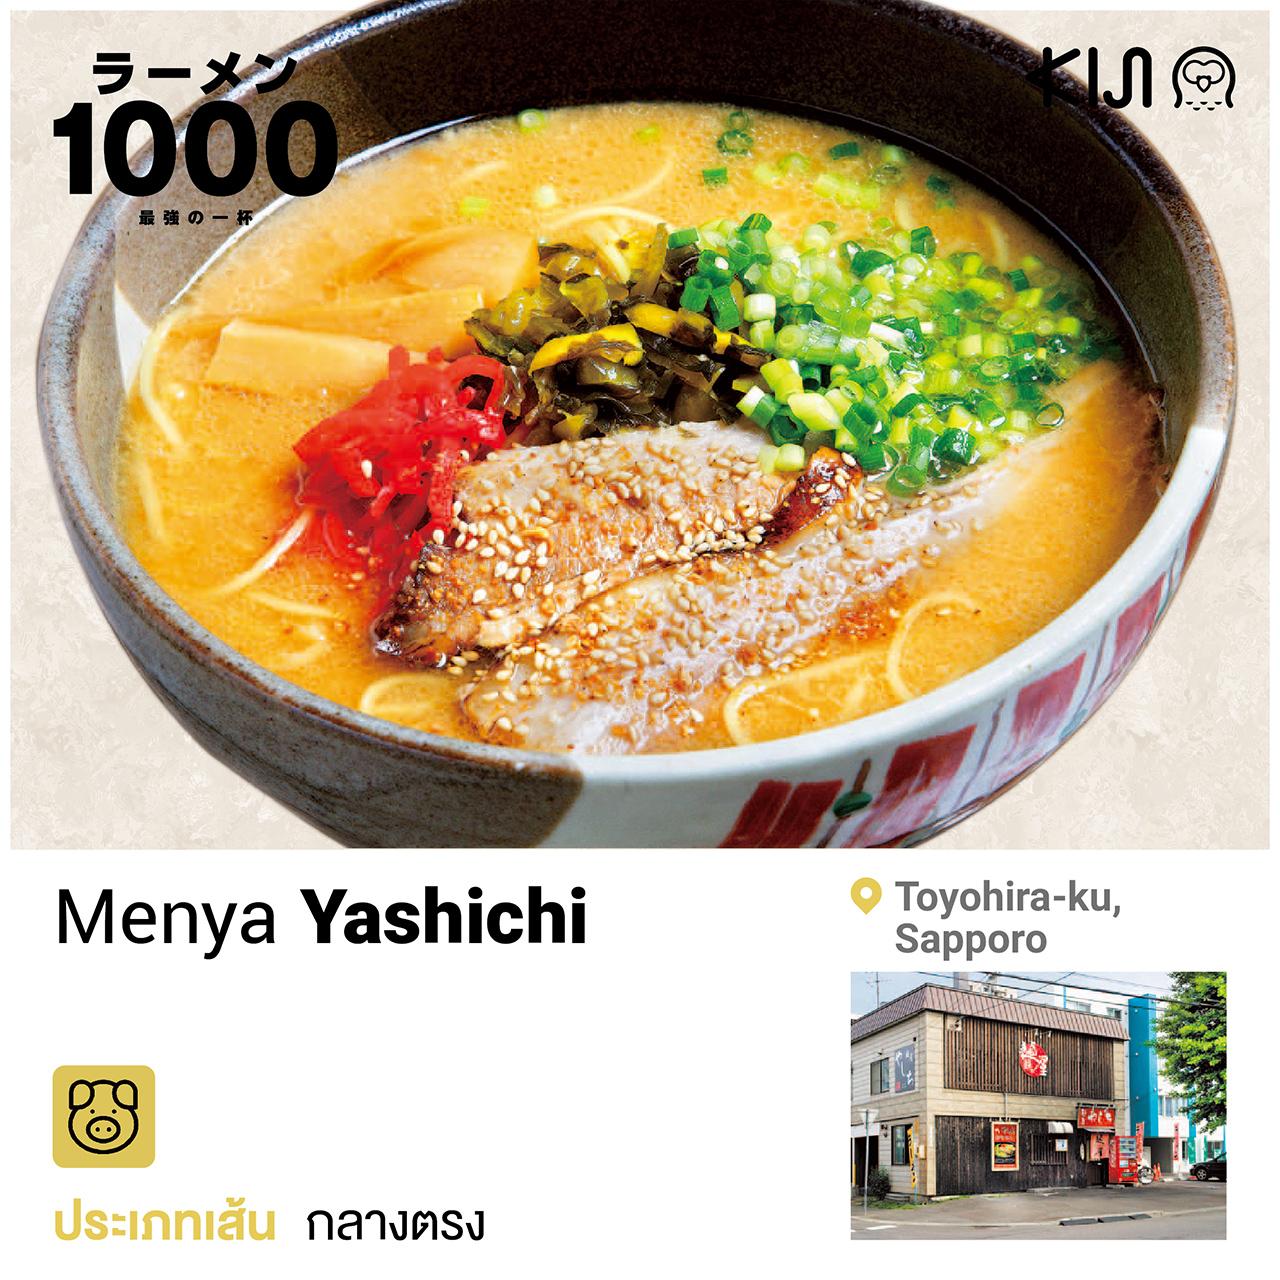 ร้านราเมนในฮอกไกโด - Menya Yashichi